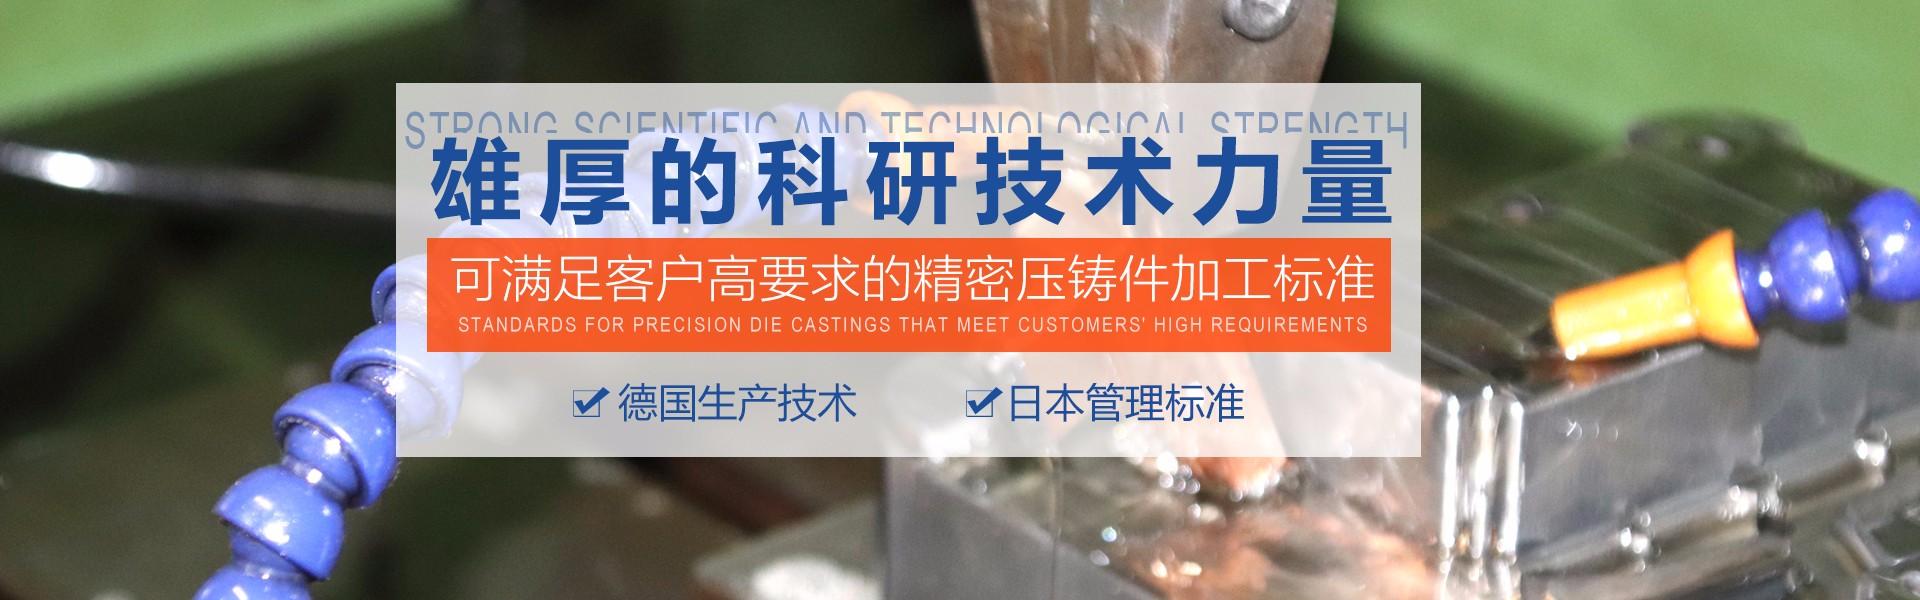 锌合金压铸降低压铸成本重要的三个因素